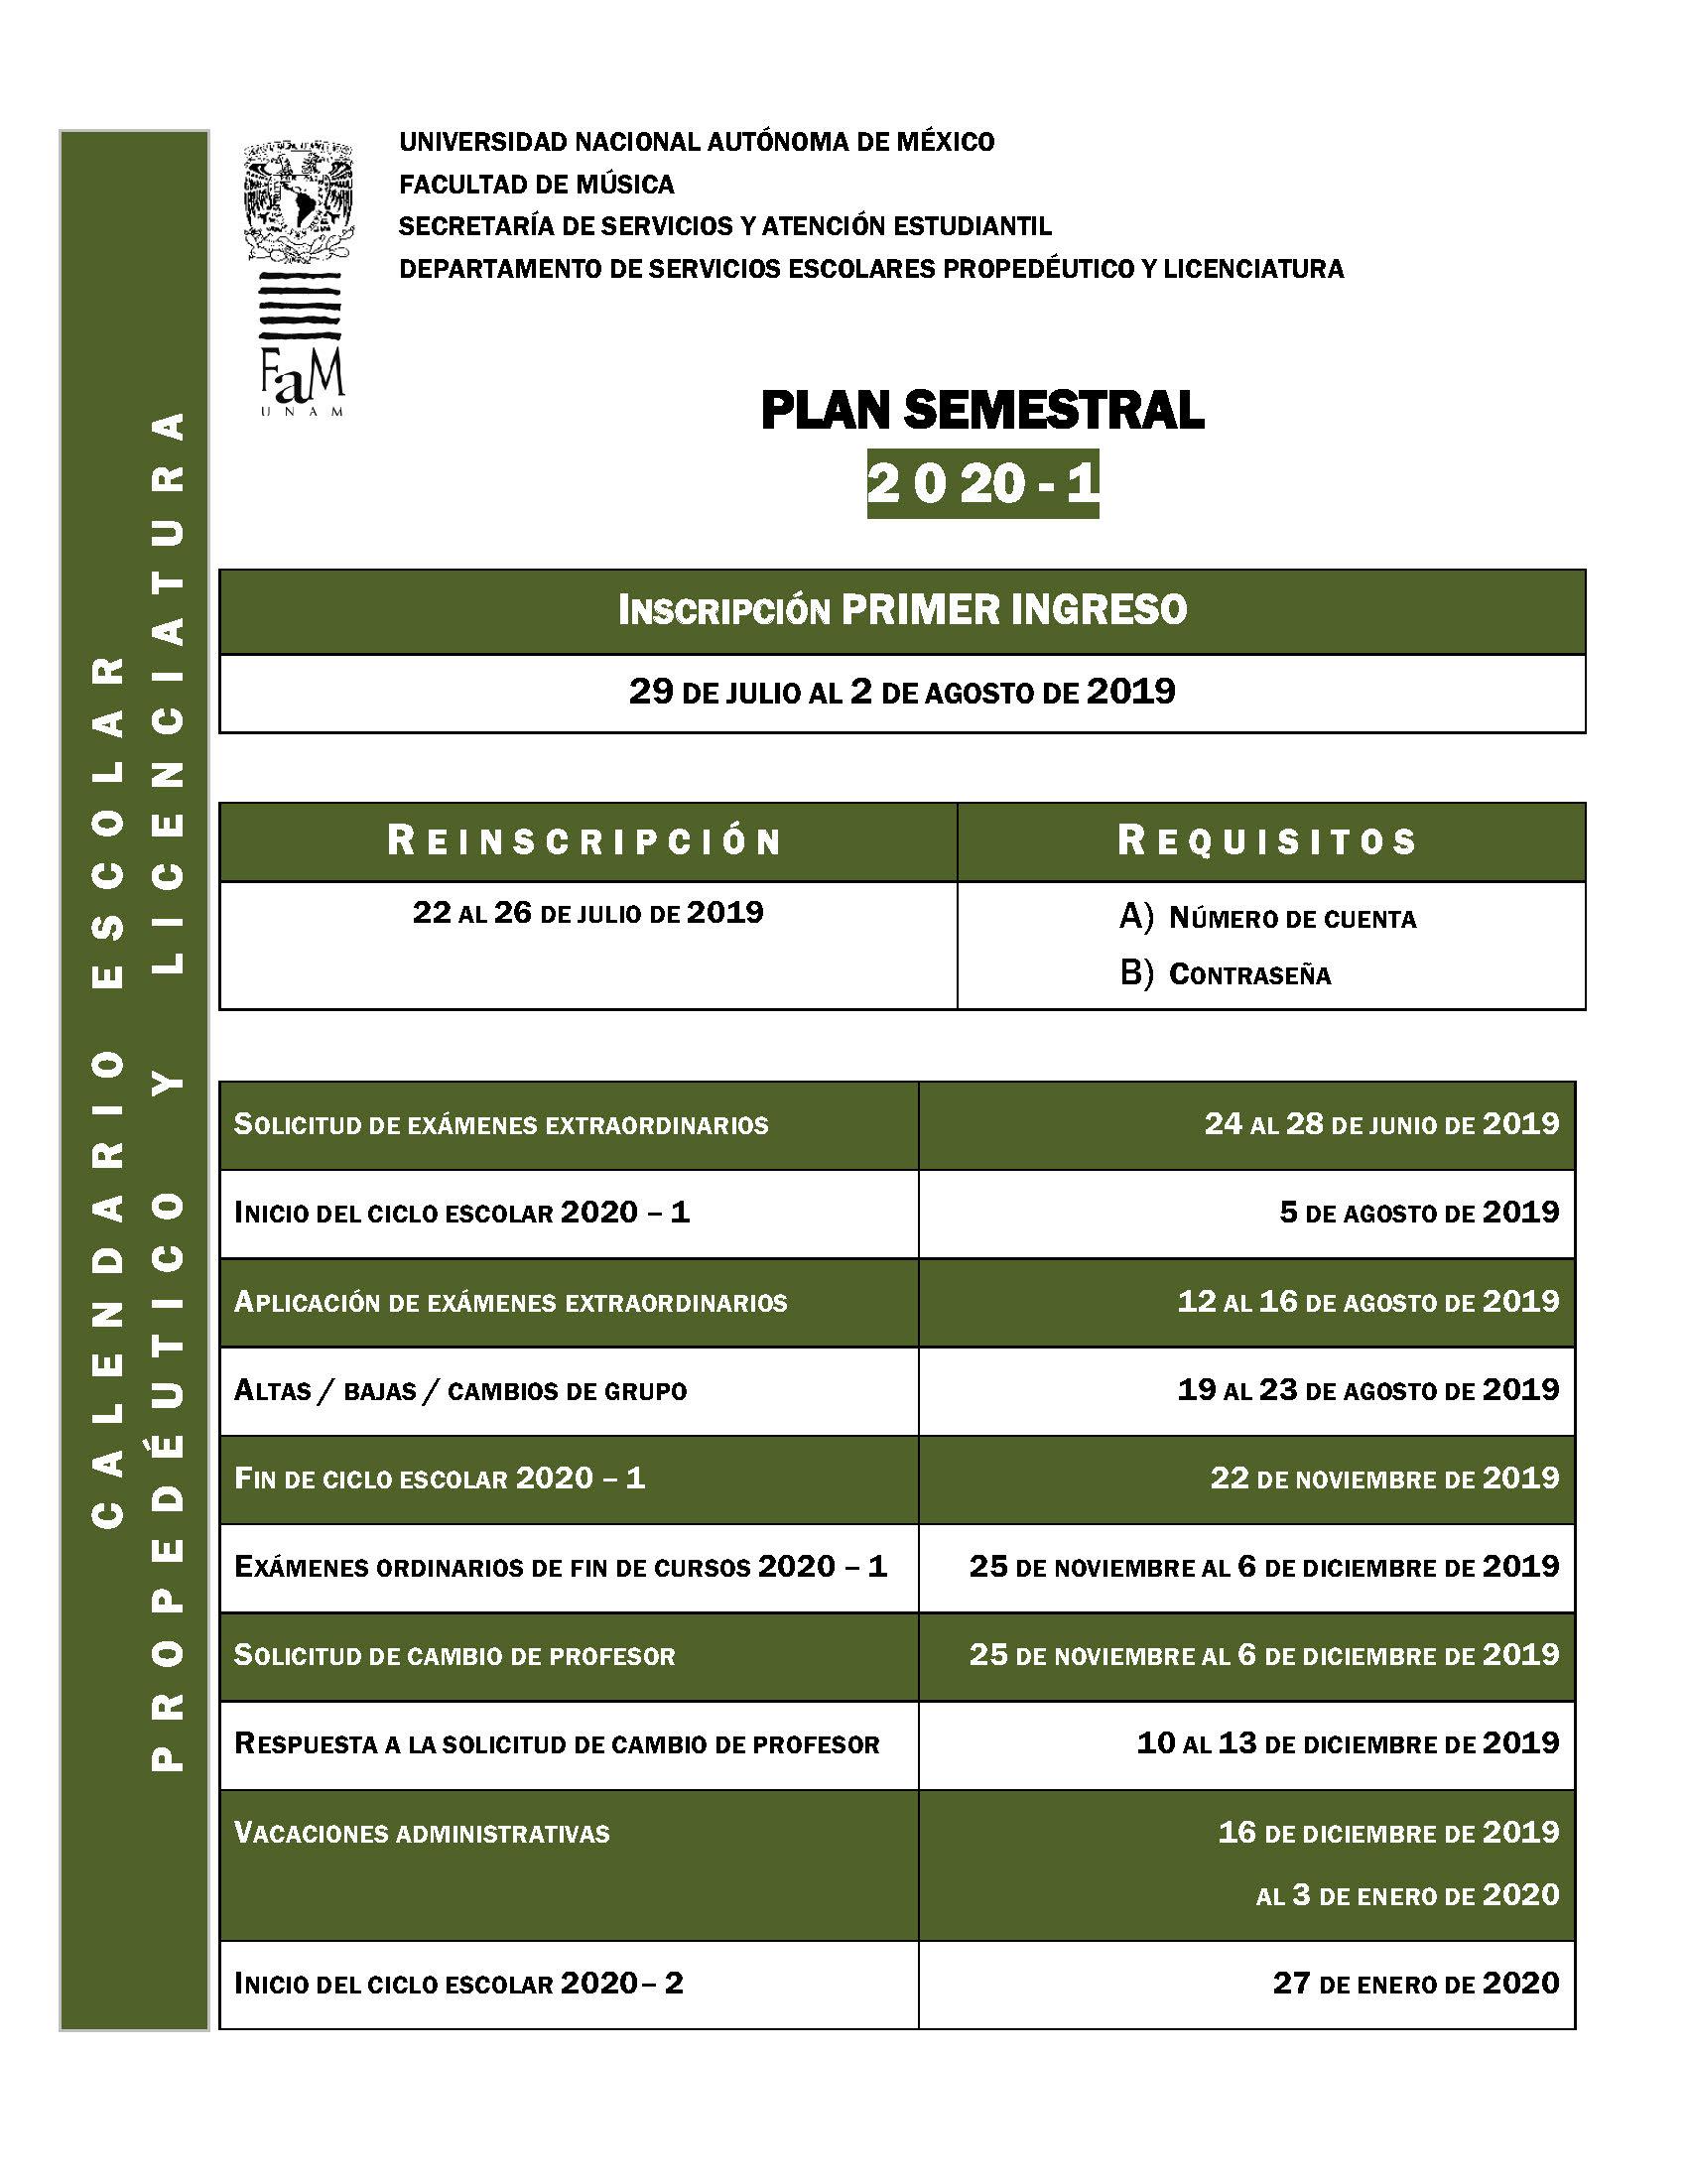 Calendario Julio Y Agosto 2020.Ventanilla Virtual Facultad De Musica Fam Unam